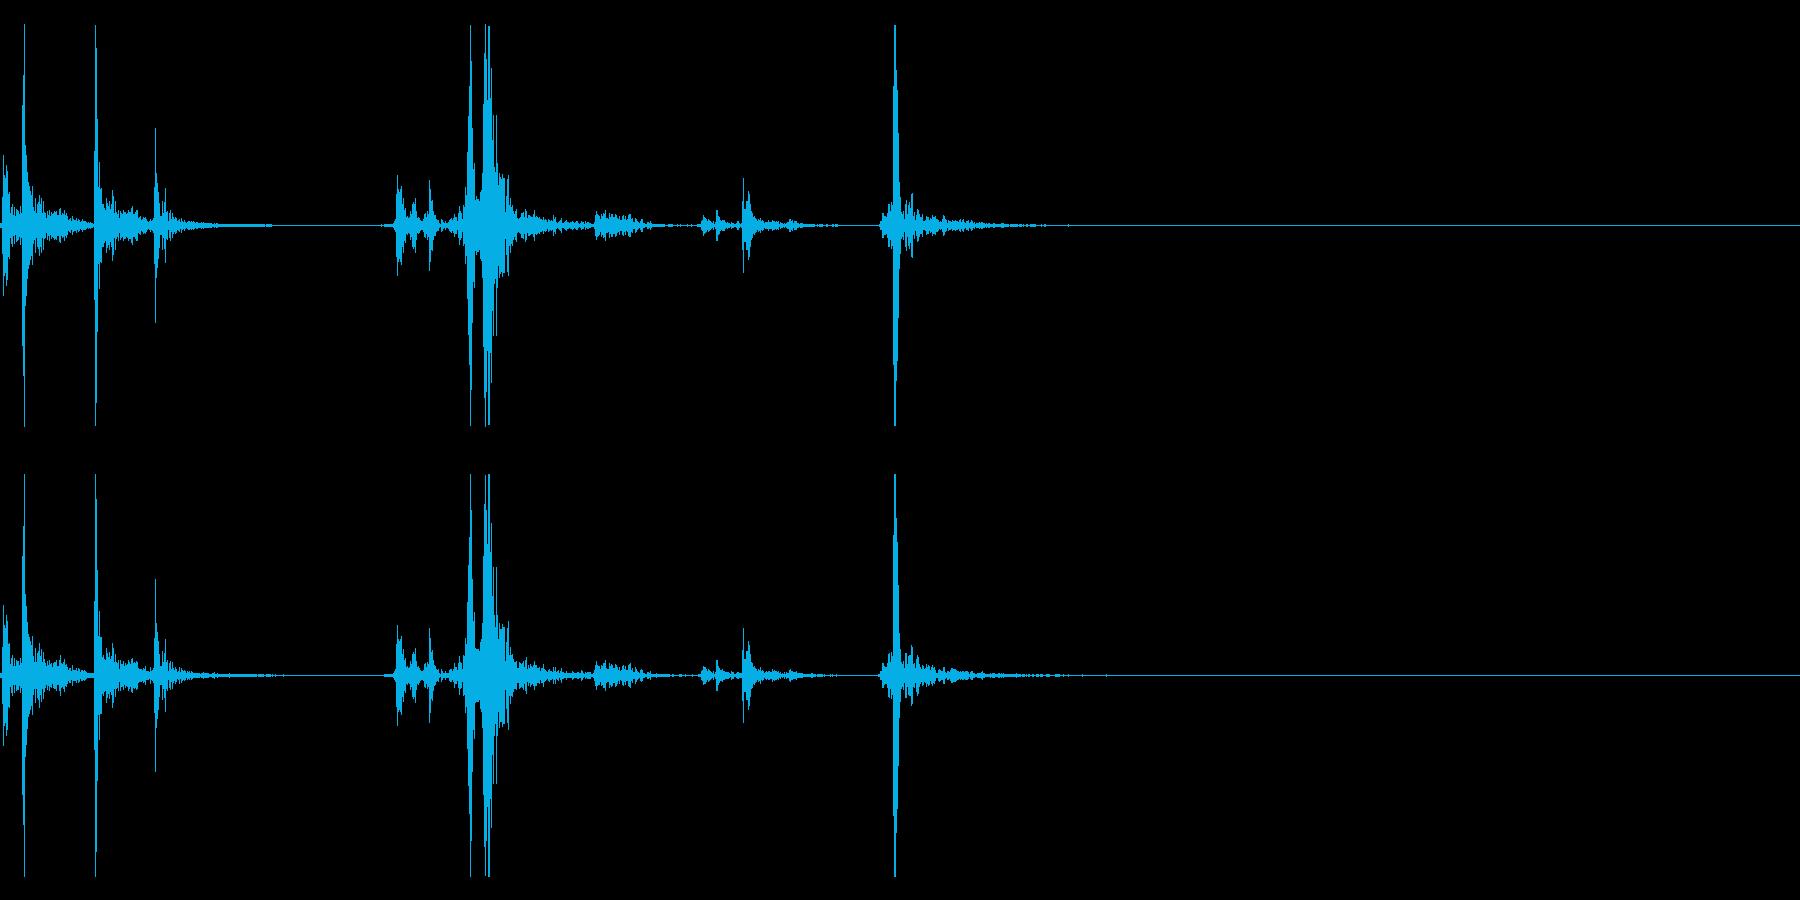 【生録音】タッパー・弁当箱を閉める音 5の再生済みの波形